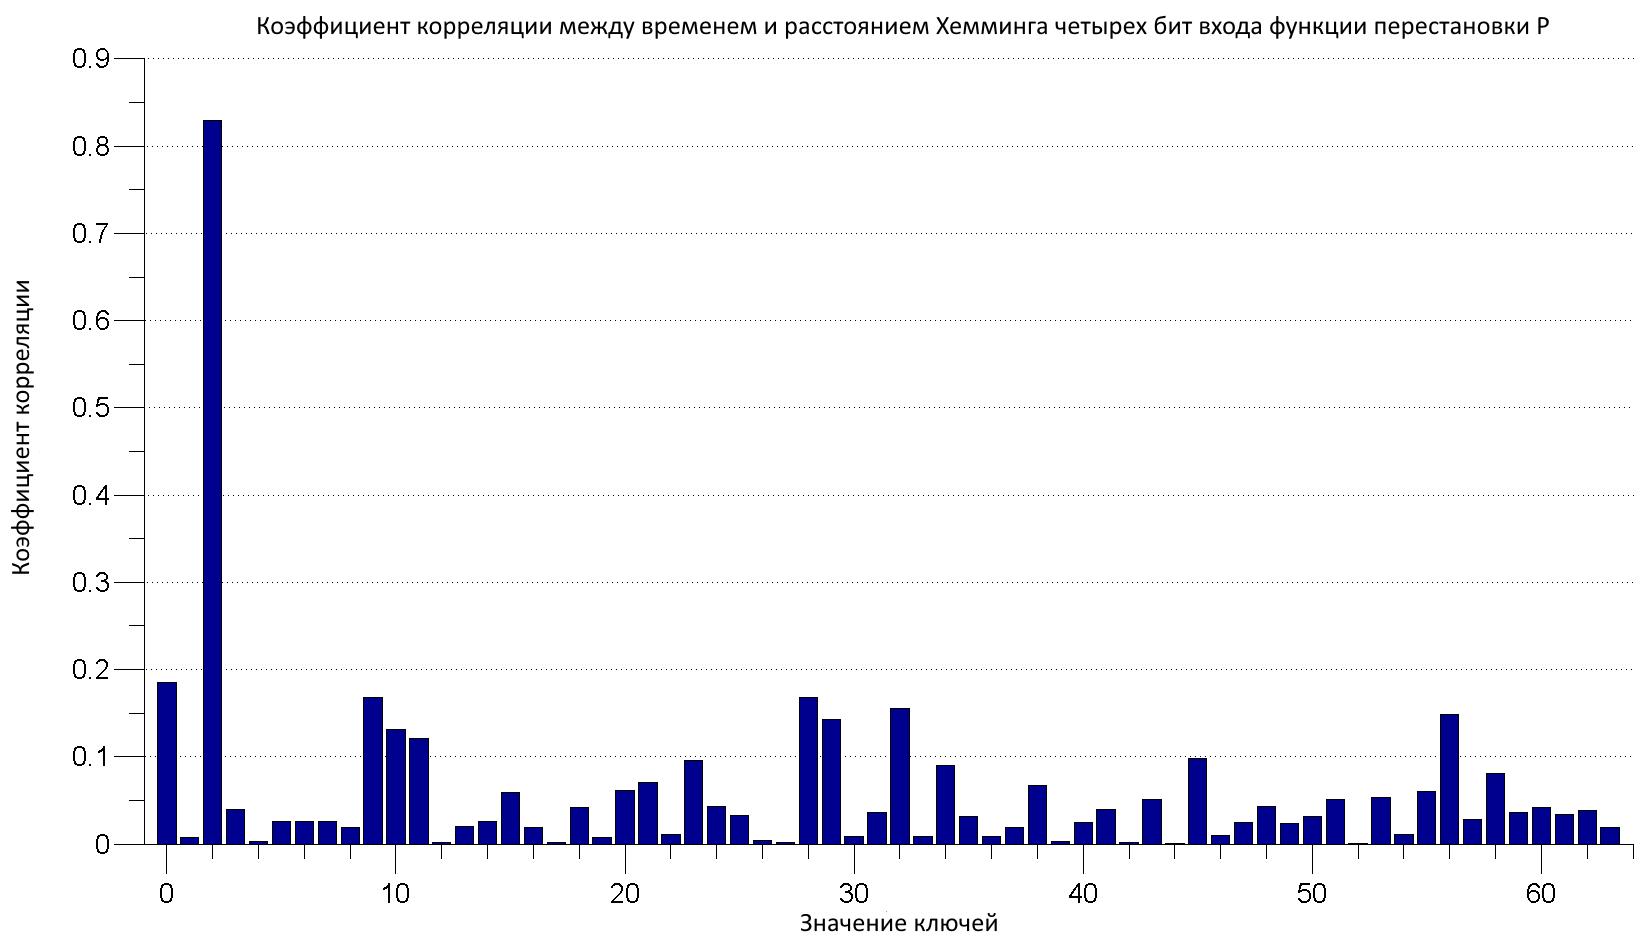 Рис. 8. График корреляции для всех возможных значений шести бит ключа